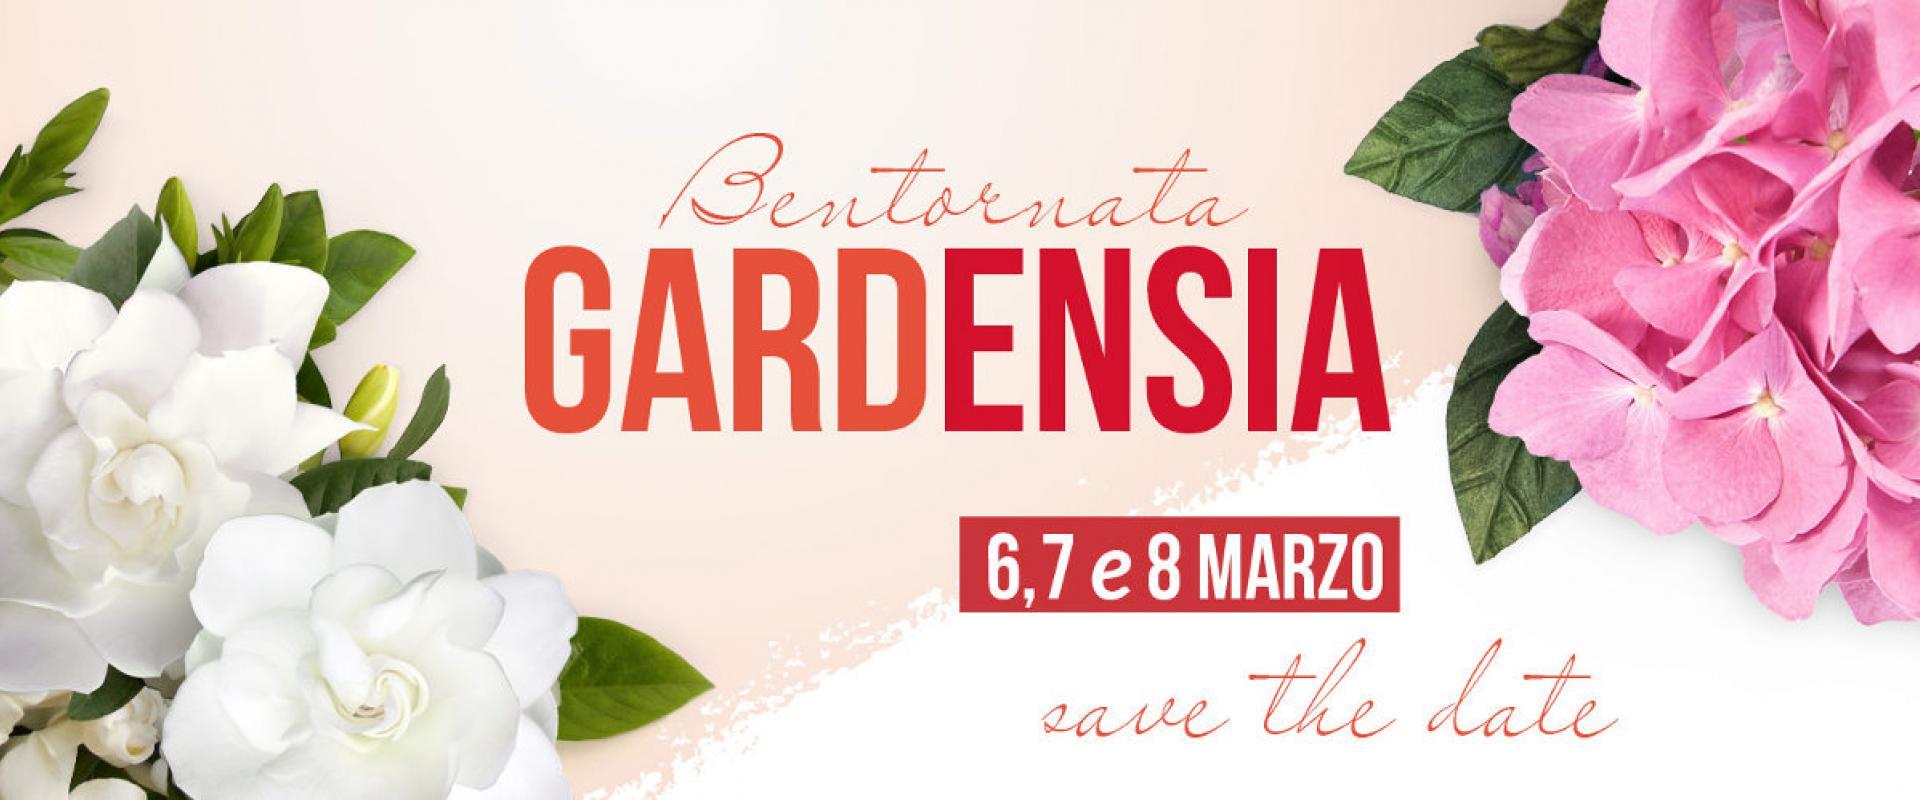 Bentornata Gardensia! 6, 7 e 8 marzo, per la Festa della Donna in 5.000 piazze